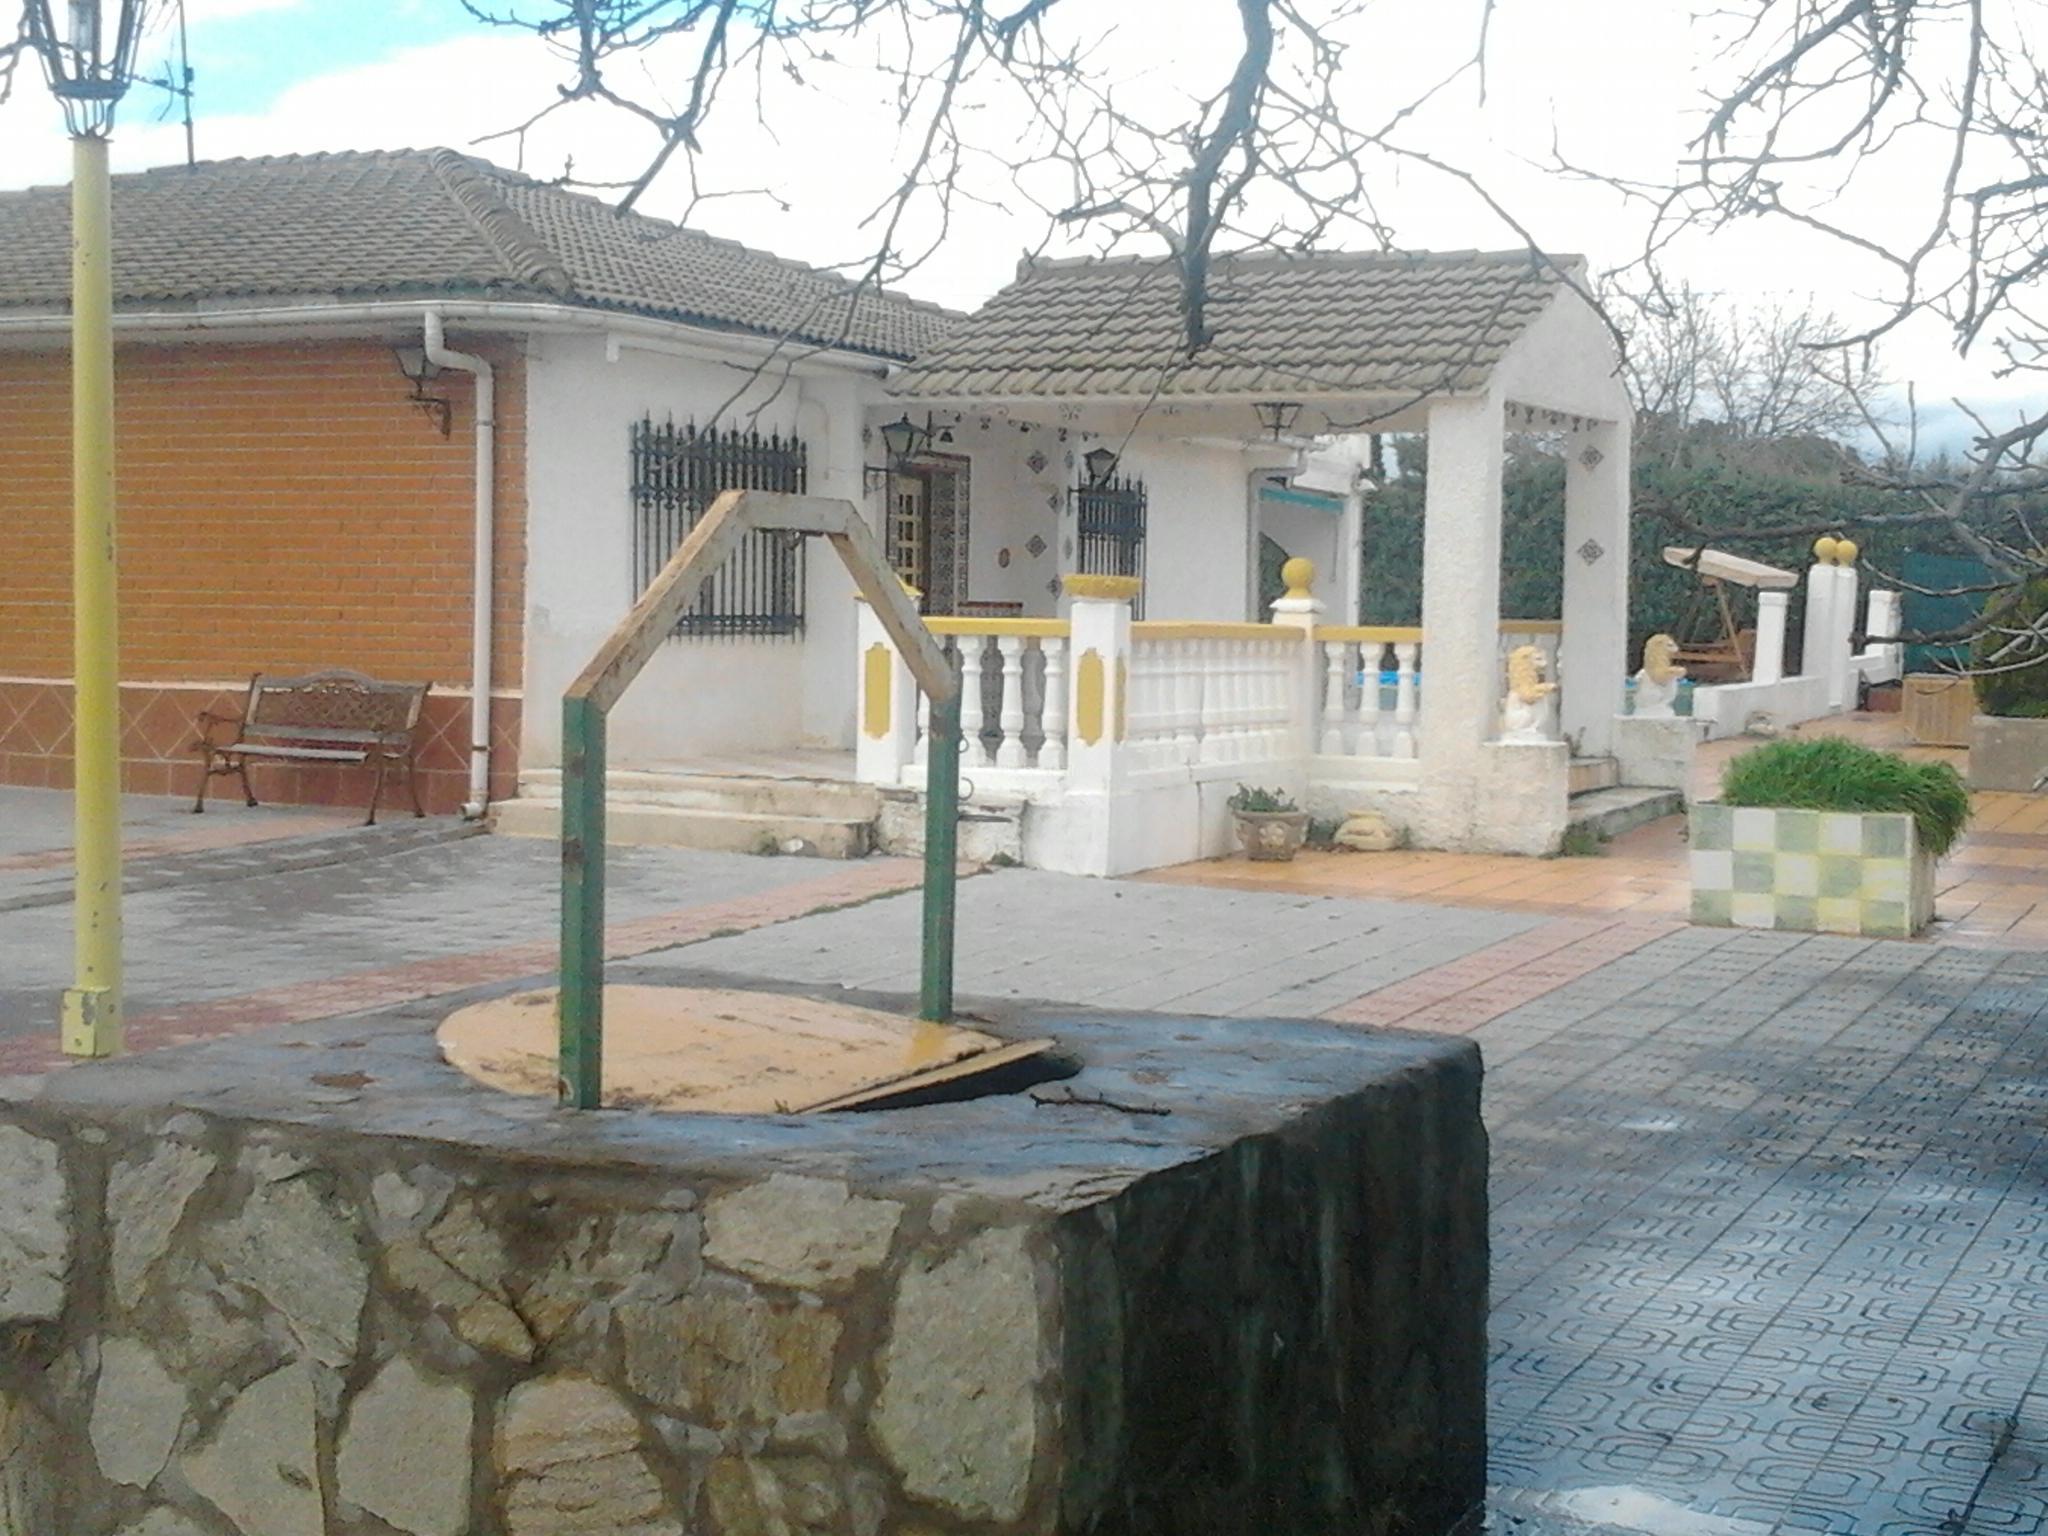 Fotos de la reunion el rocio madrid fresno de torote clubrural - Casa rural el rocio ...